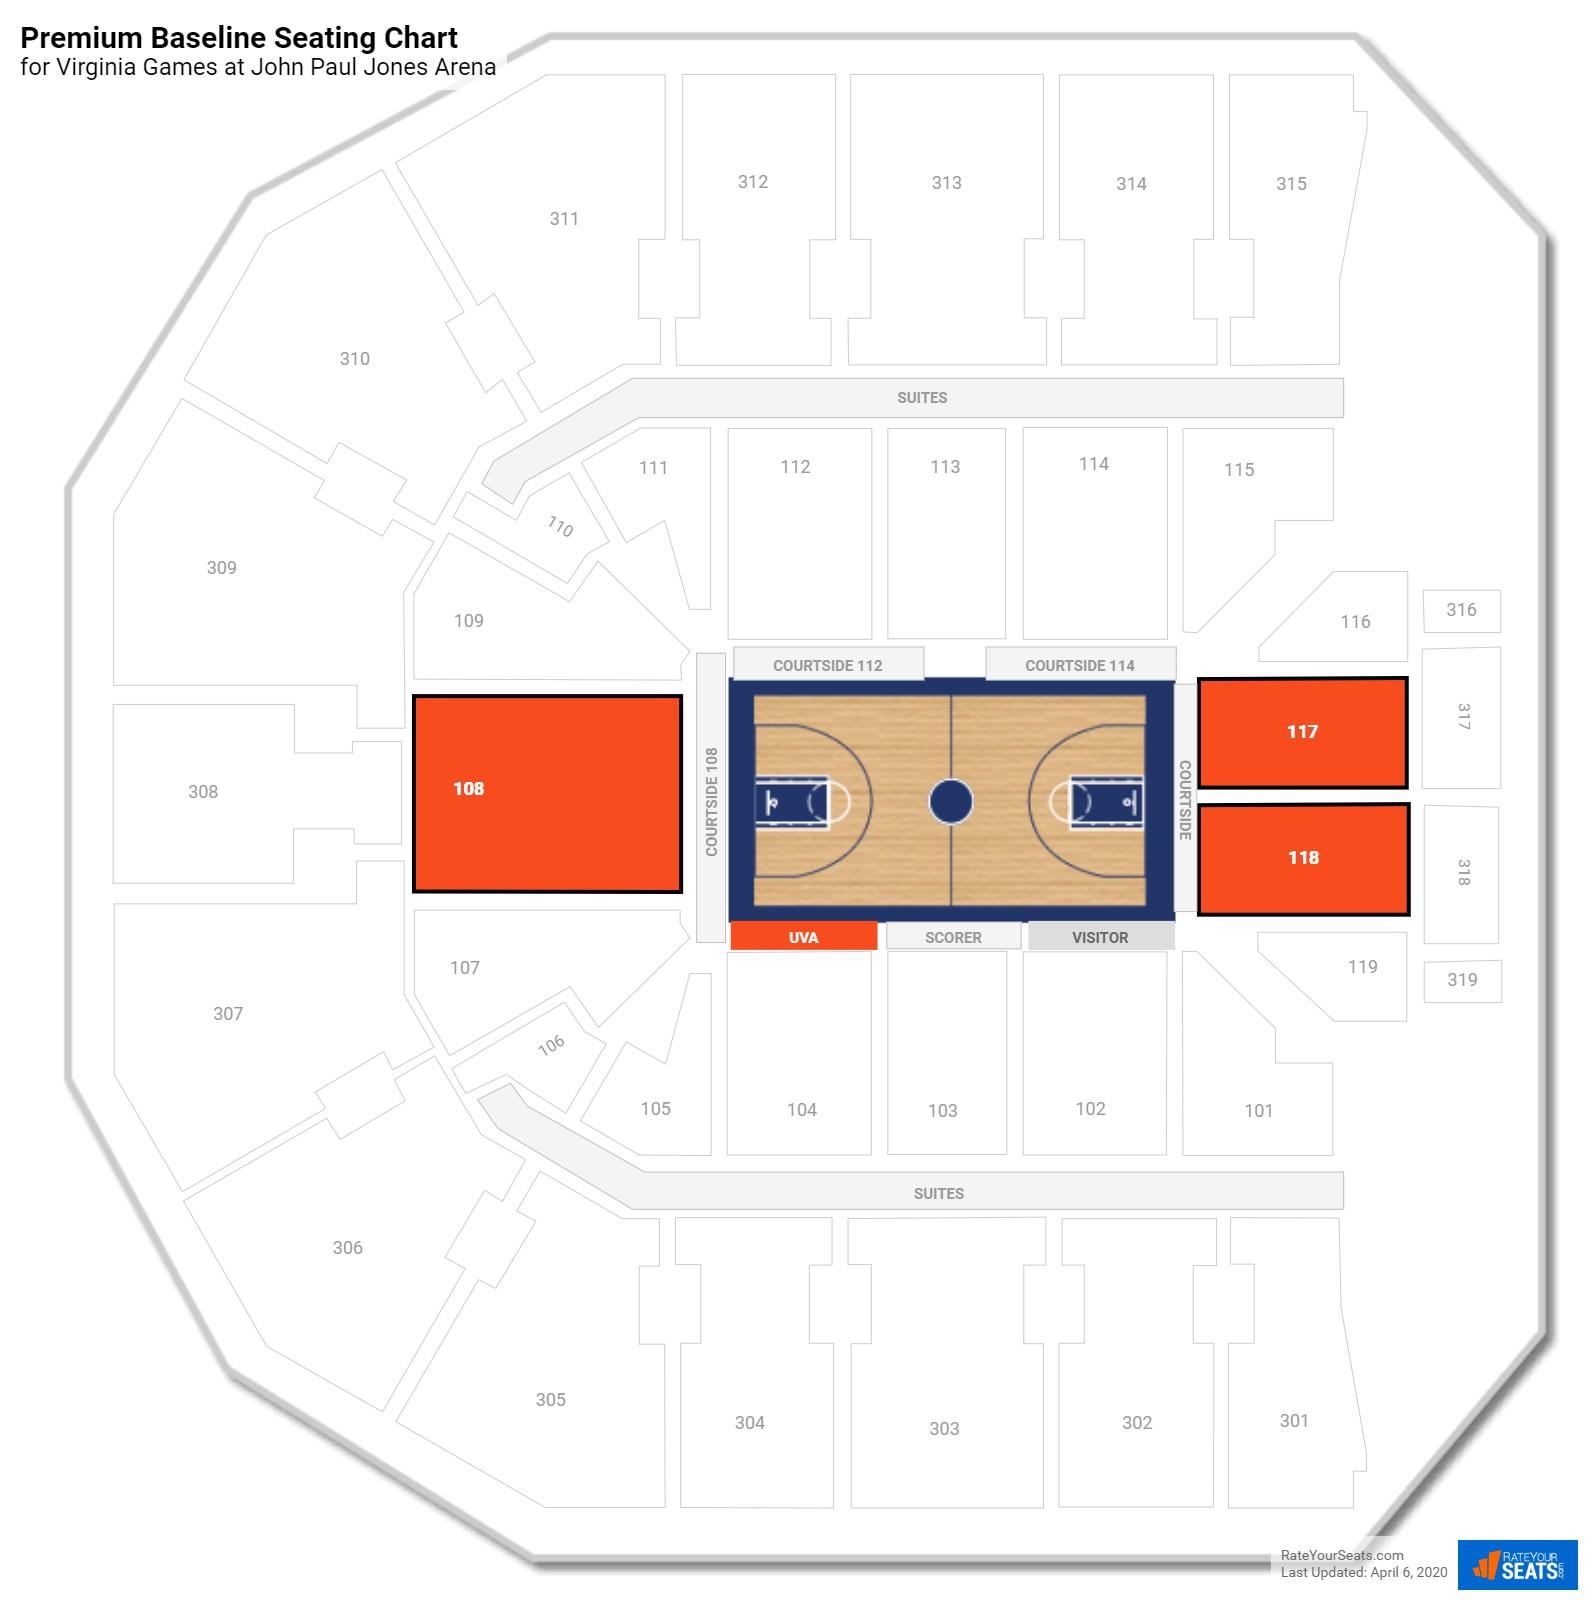 John Paul Jones Arena Lower Level Baseline Seating Chart